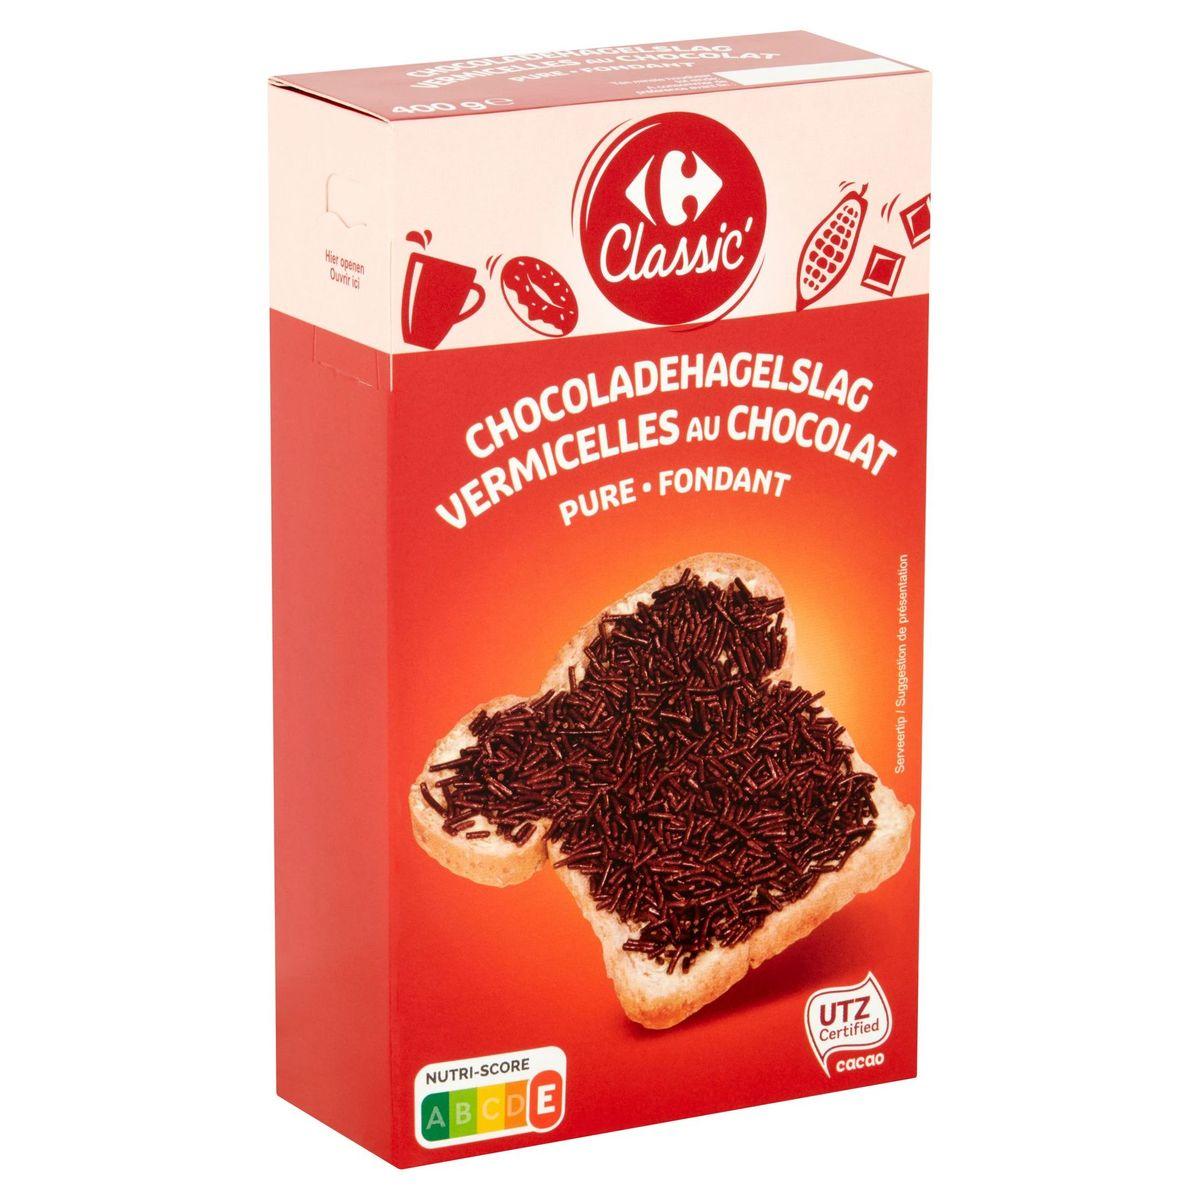 Carrefour Classic' Vermicelles au Chocolat Fondant 400 g